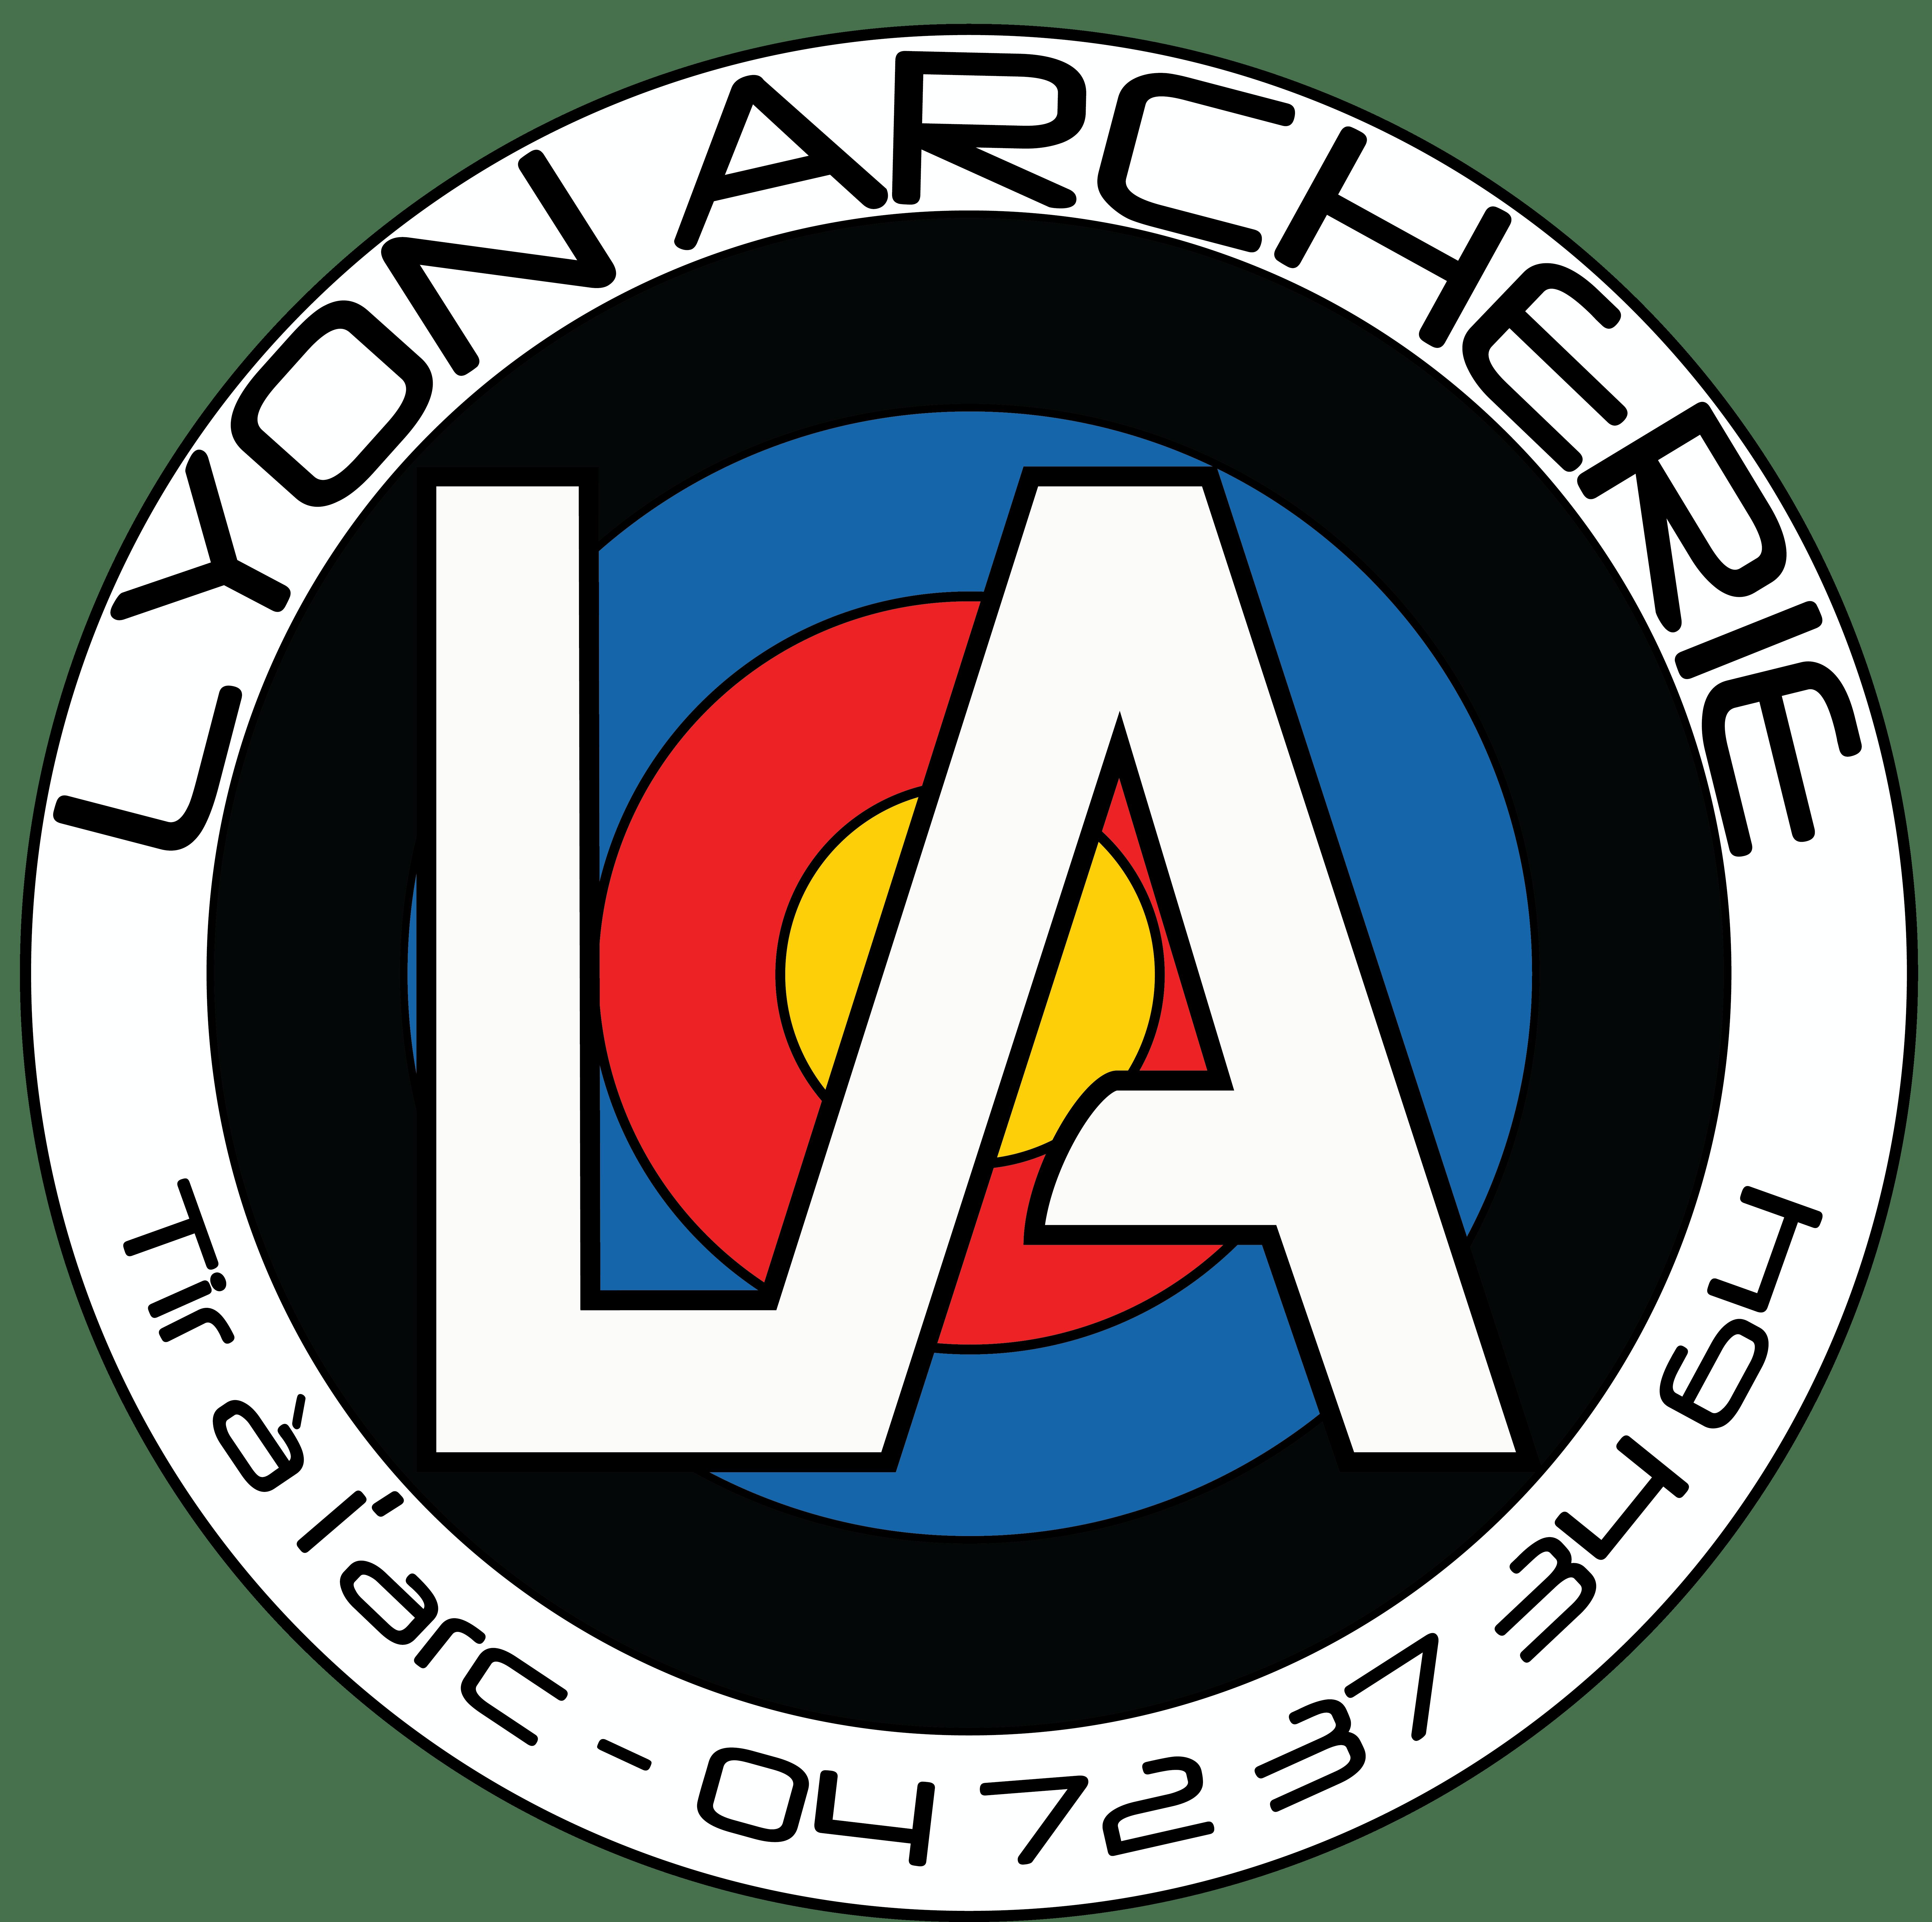 LYON-ARCHERIE Partenaire Majeur